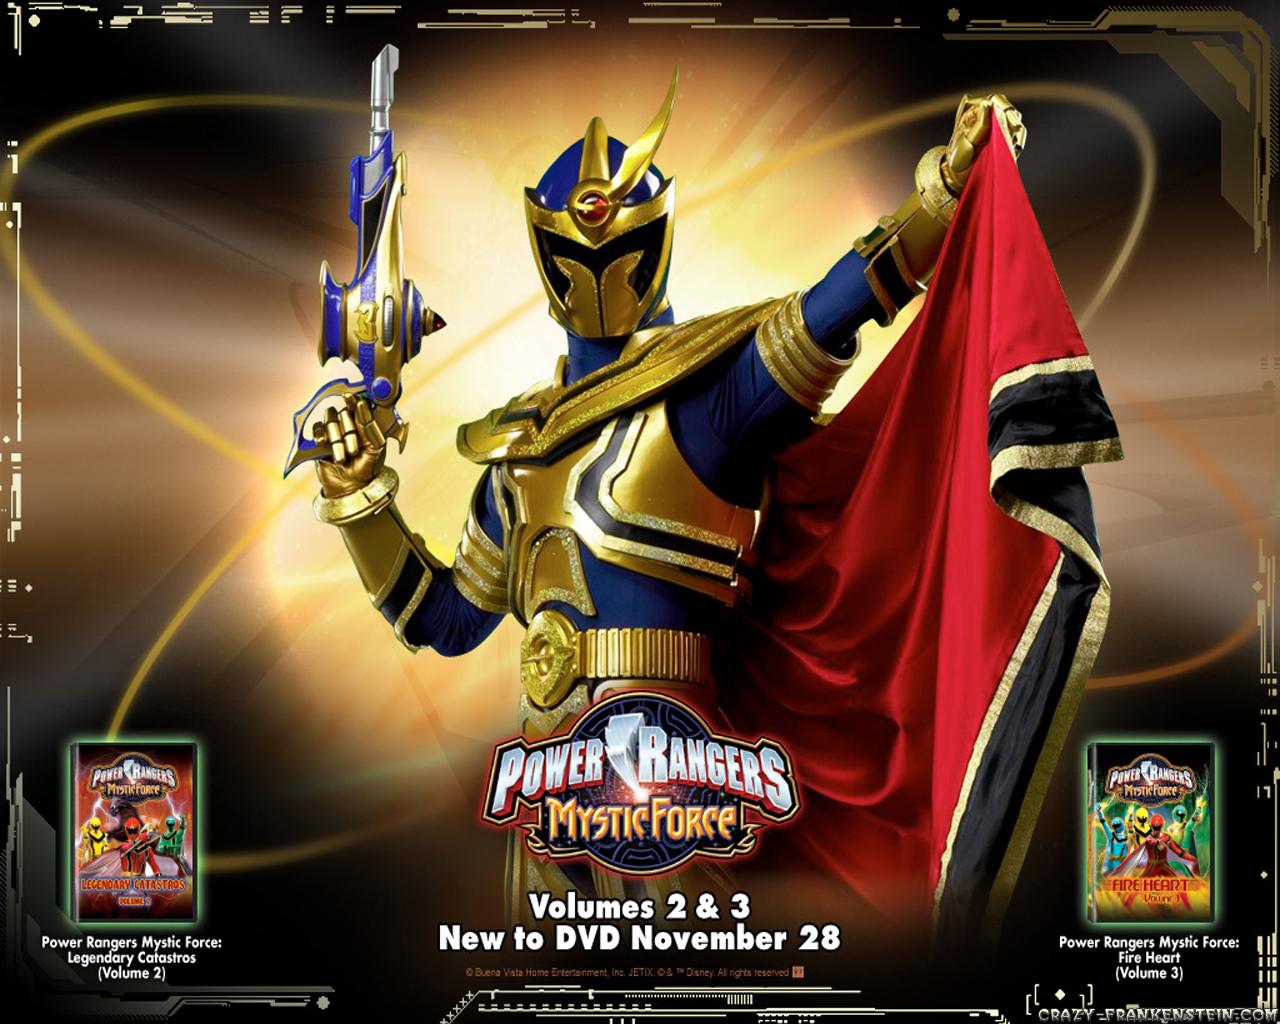 Gold Ranger The Power Ranger Wallpaper 36814138 Fanpop